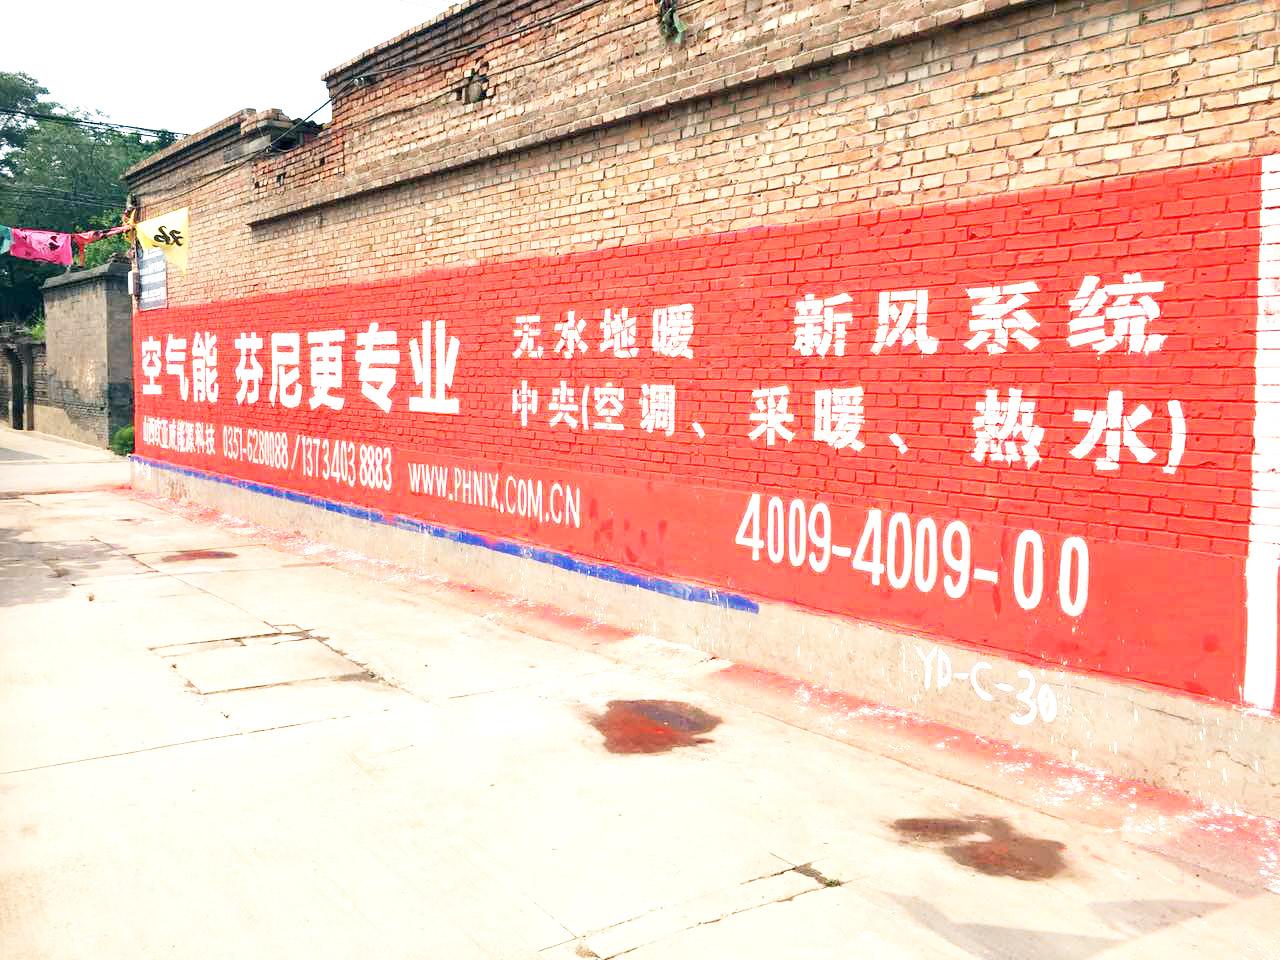 大宁县墙体广告大宁县农村广告大宁县户外广告-易播网